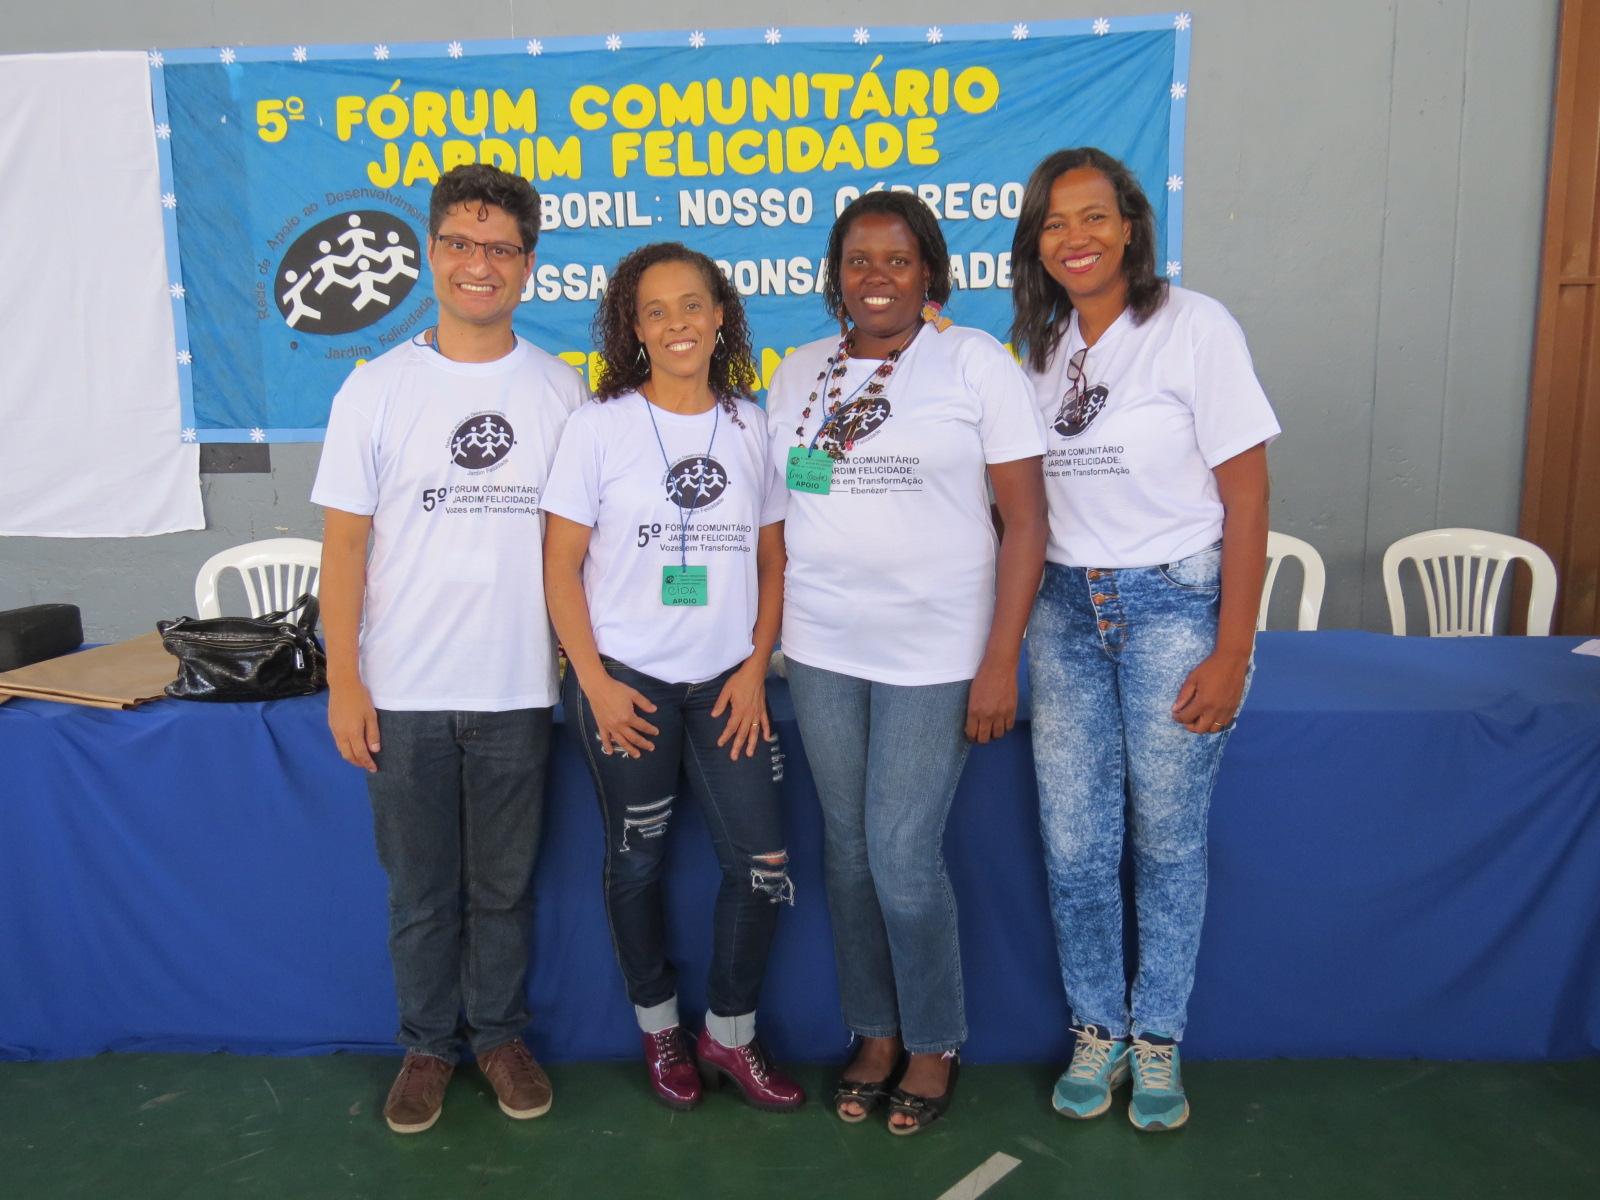 5*Fórum Comunitário – Vozes em Transformação acontece no Bairro Jardim Felicidade